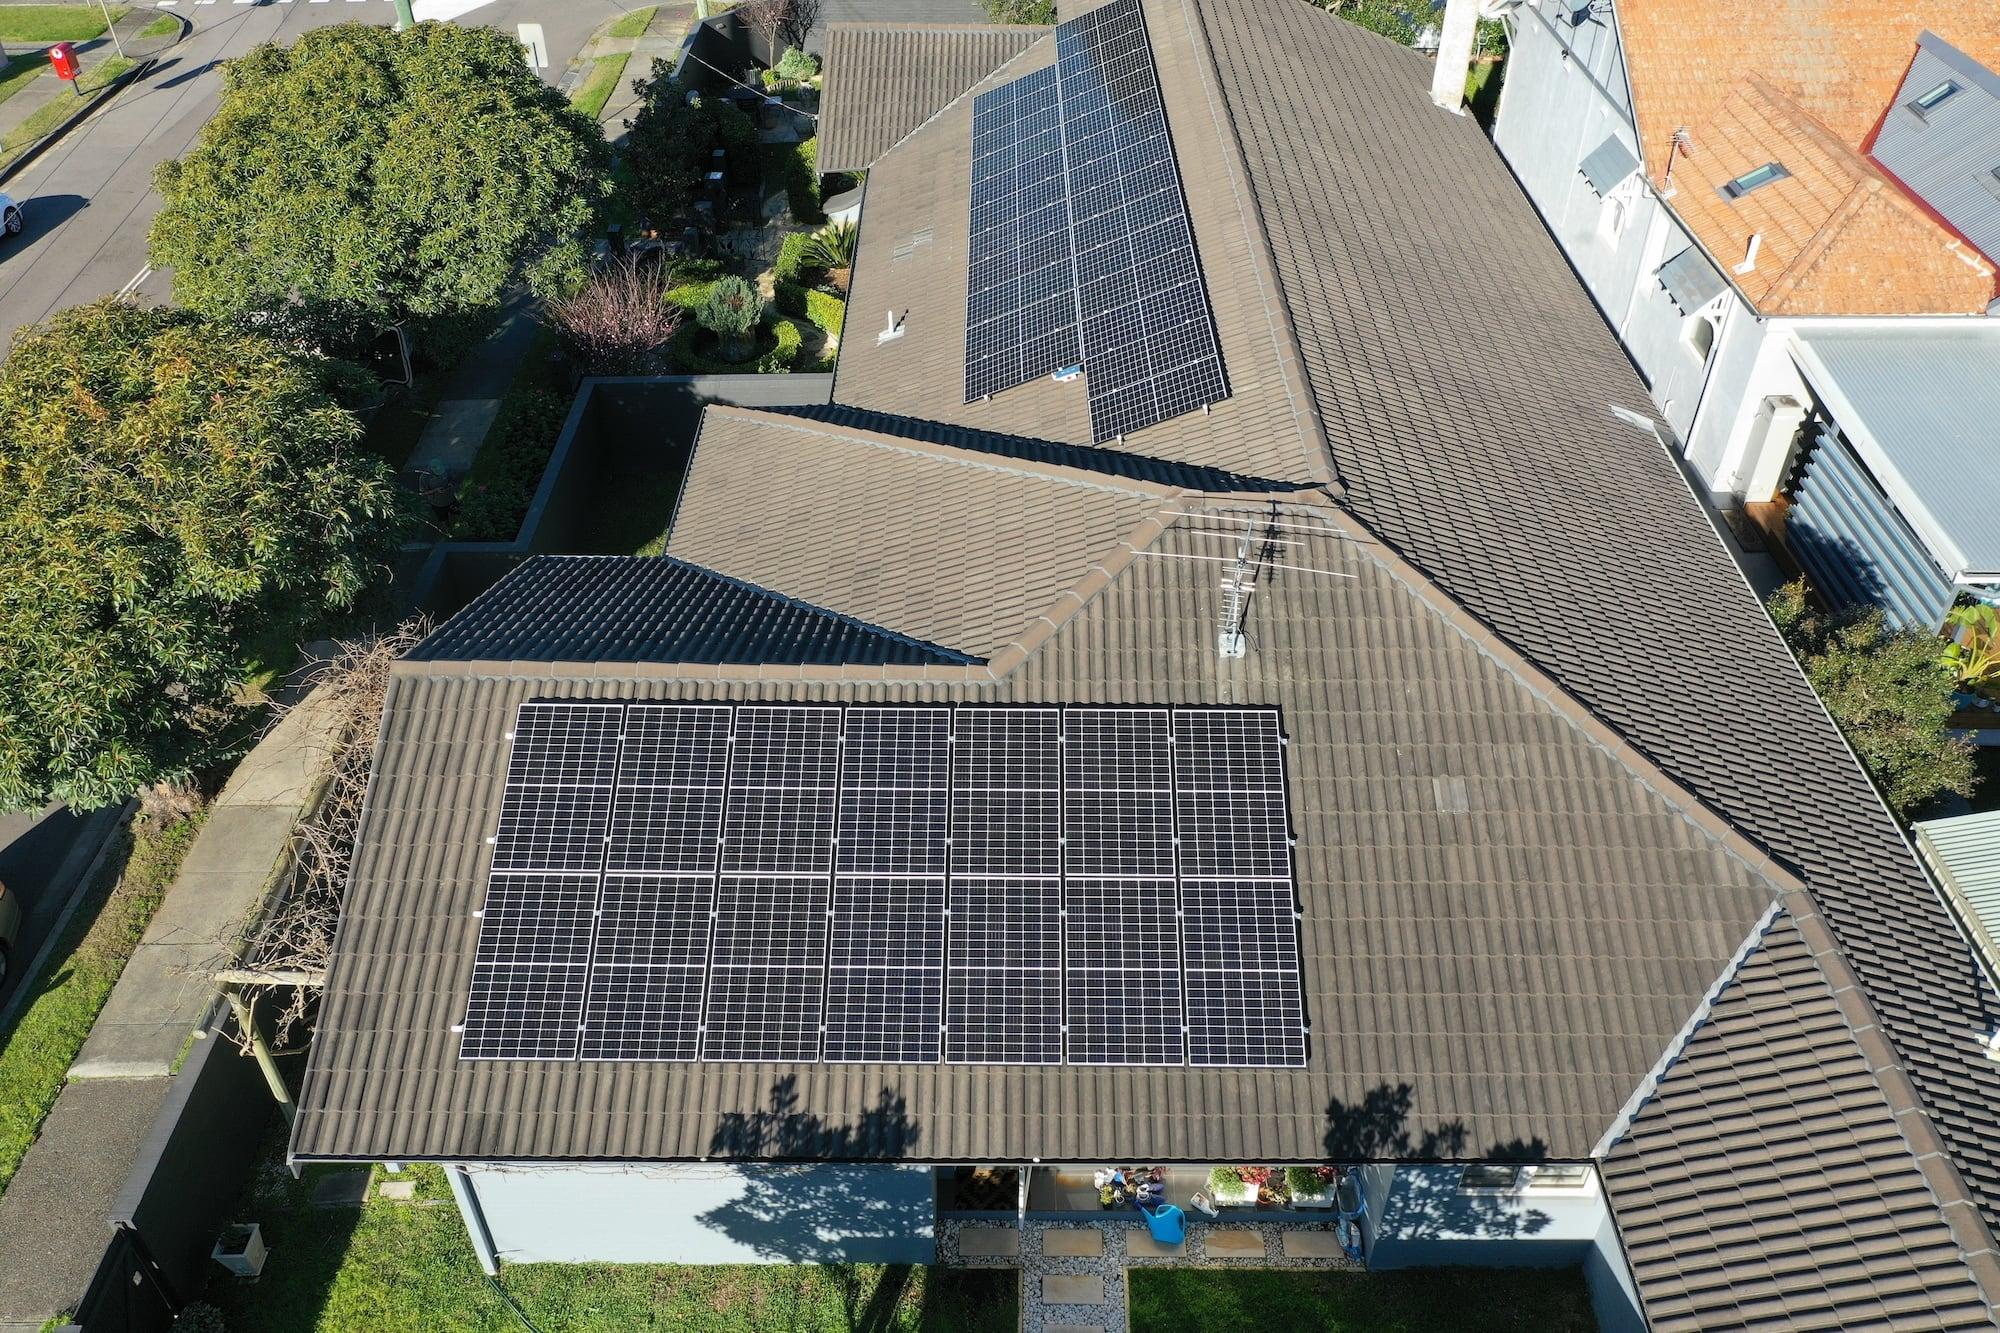 aztech solar panel installation_september 3